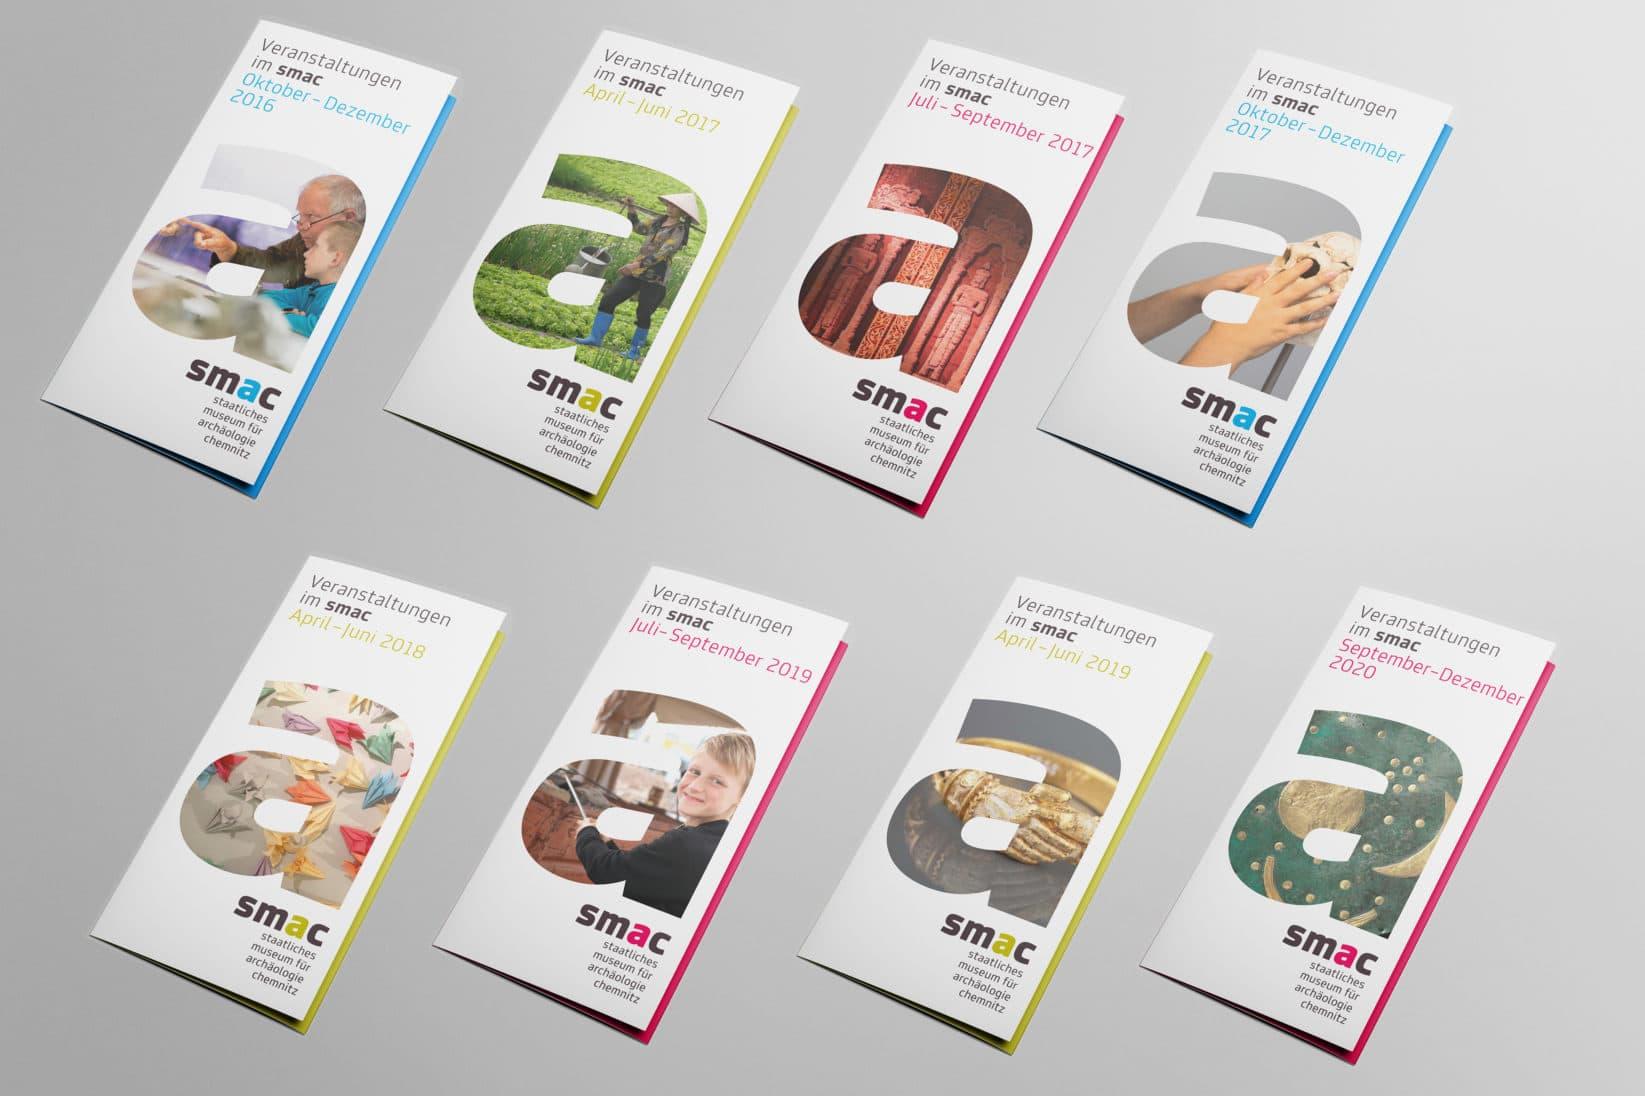 smac chemnitz corporate design veranstaltungsflyer flyer reihe